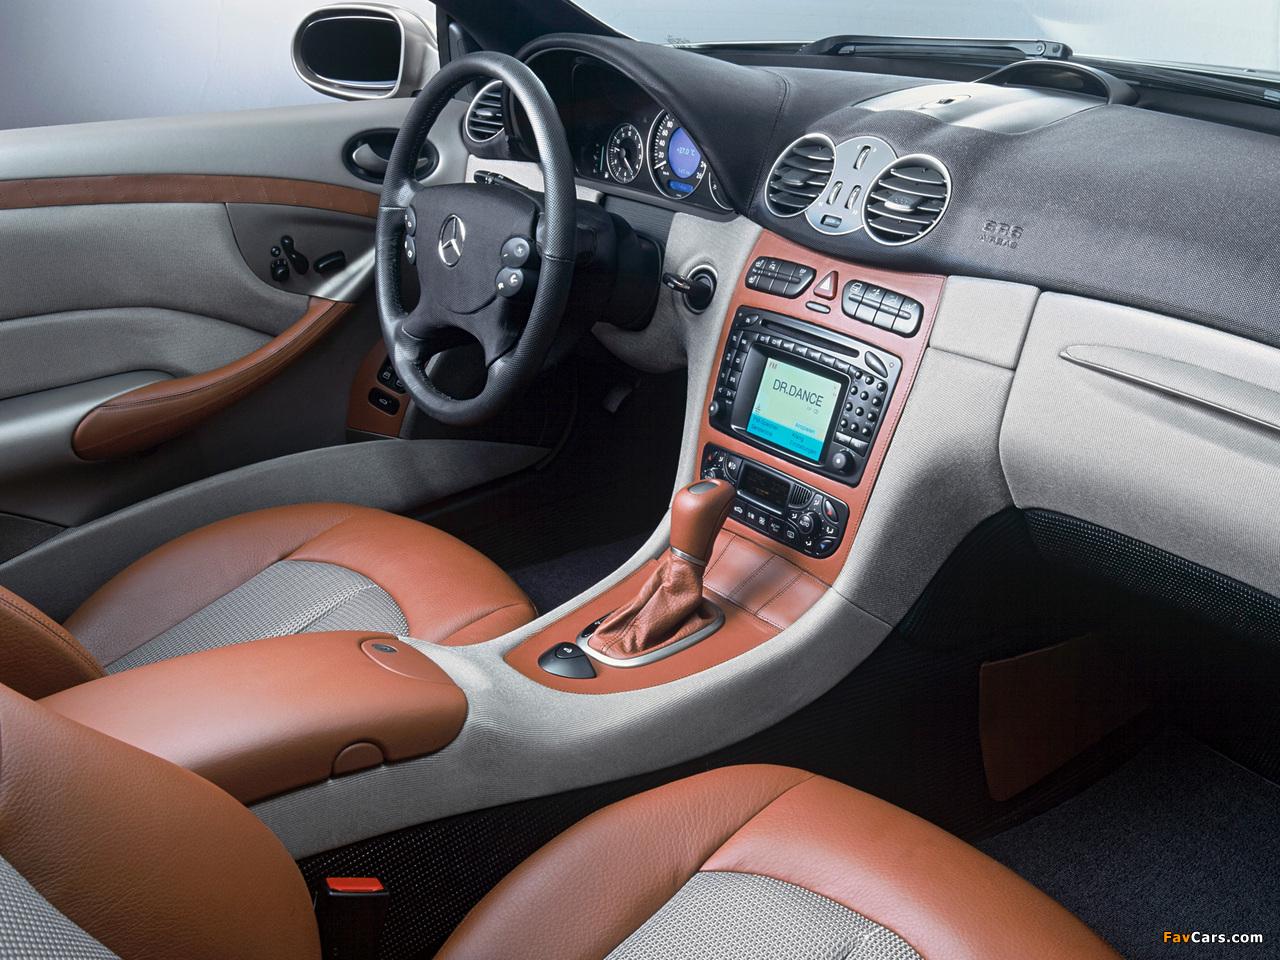 Photos of Mercedes-Benz CLK 500 Cabrio by Giorgio Armani (A209) 2004 (1280 x 960)